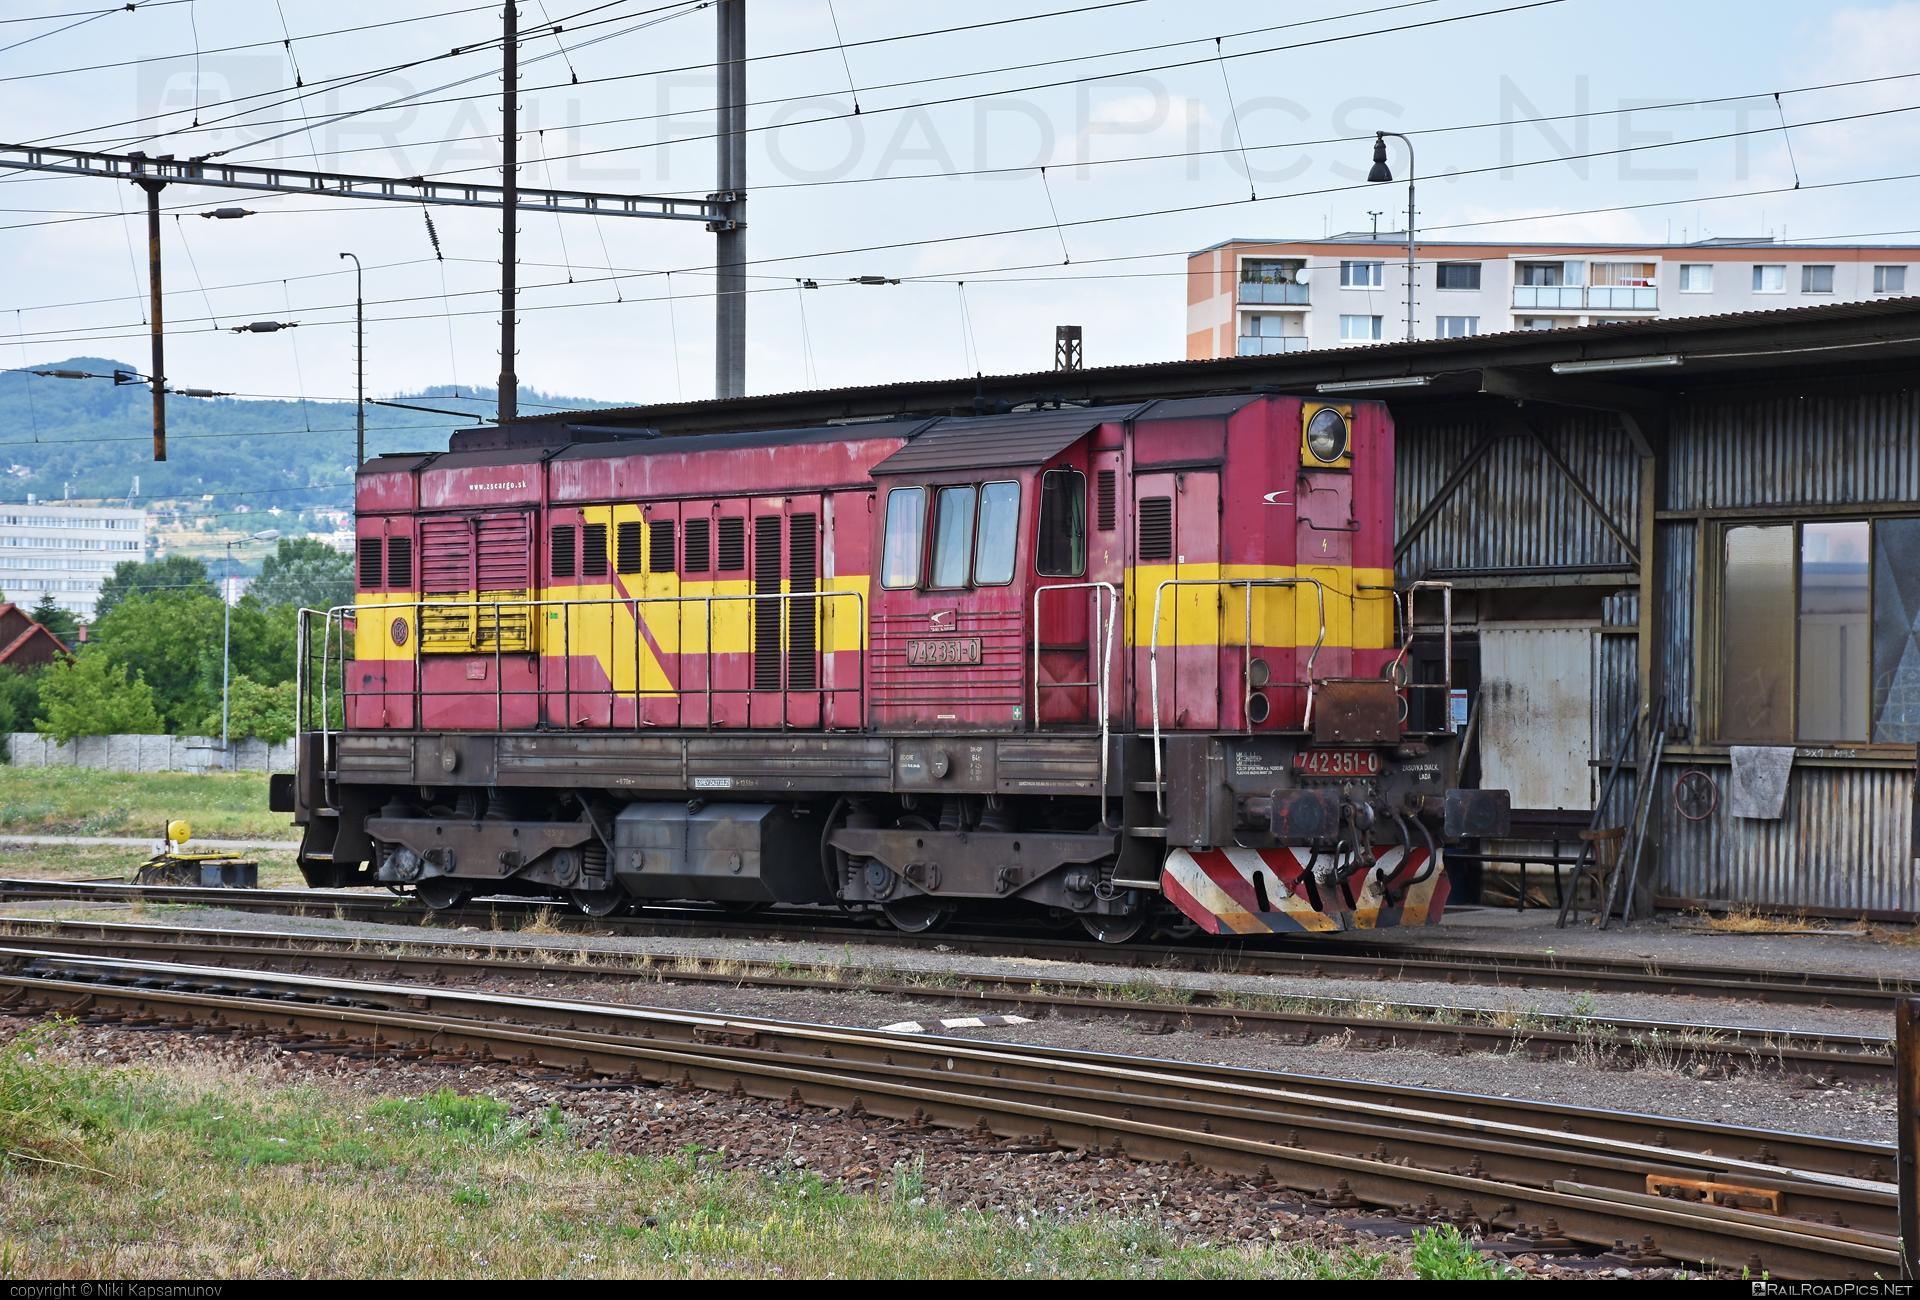 ČKD T 466.2 (742) - 742 351-0 operated by Železničná Spoločnost' Cargo Slovakia a.s. #ZeleznicnaSpolocnostCargoSlovakia #ckd #ckd4662 #ckd742 #ckdt4662 #kocur #zsskcargo